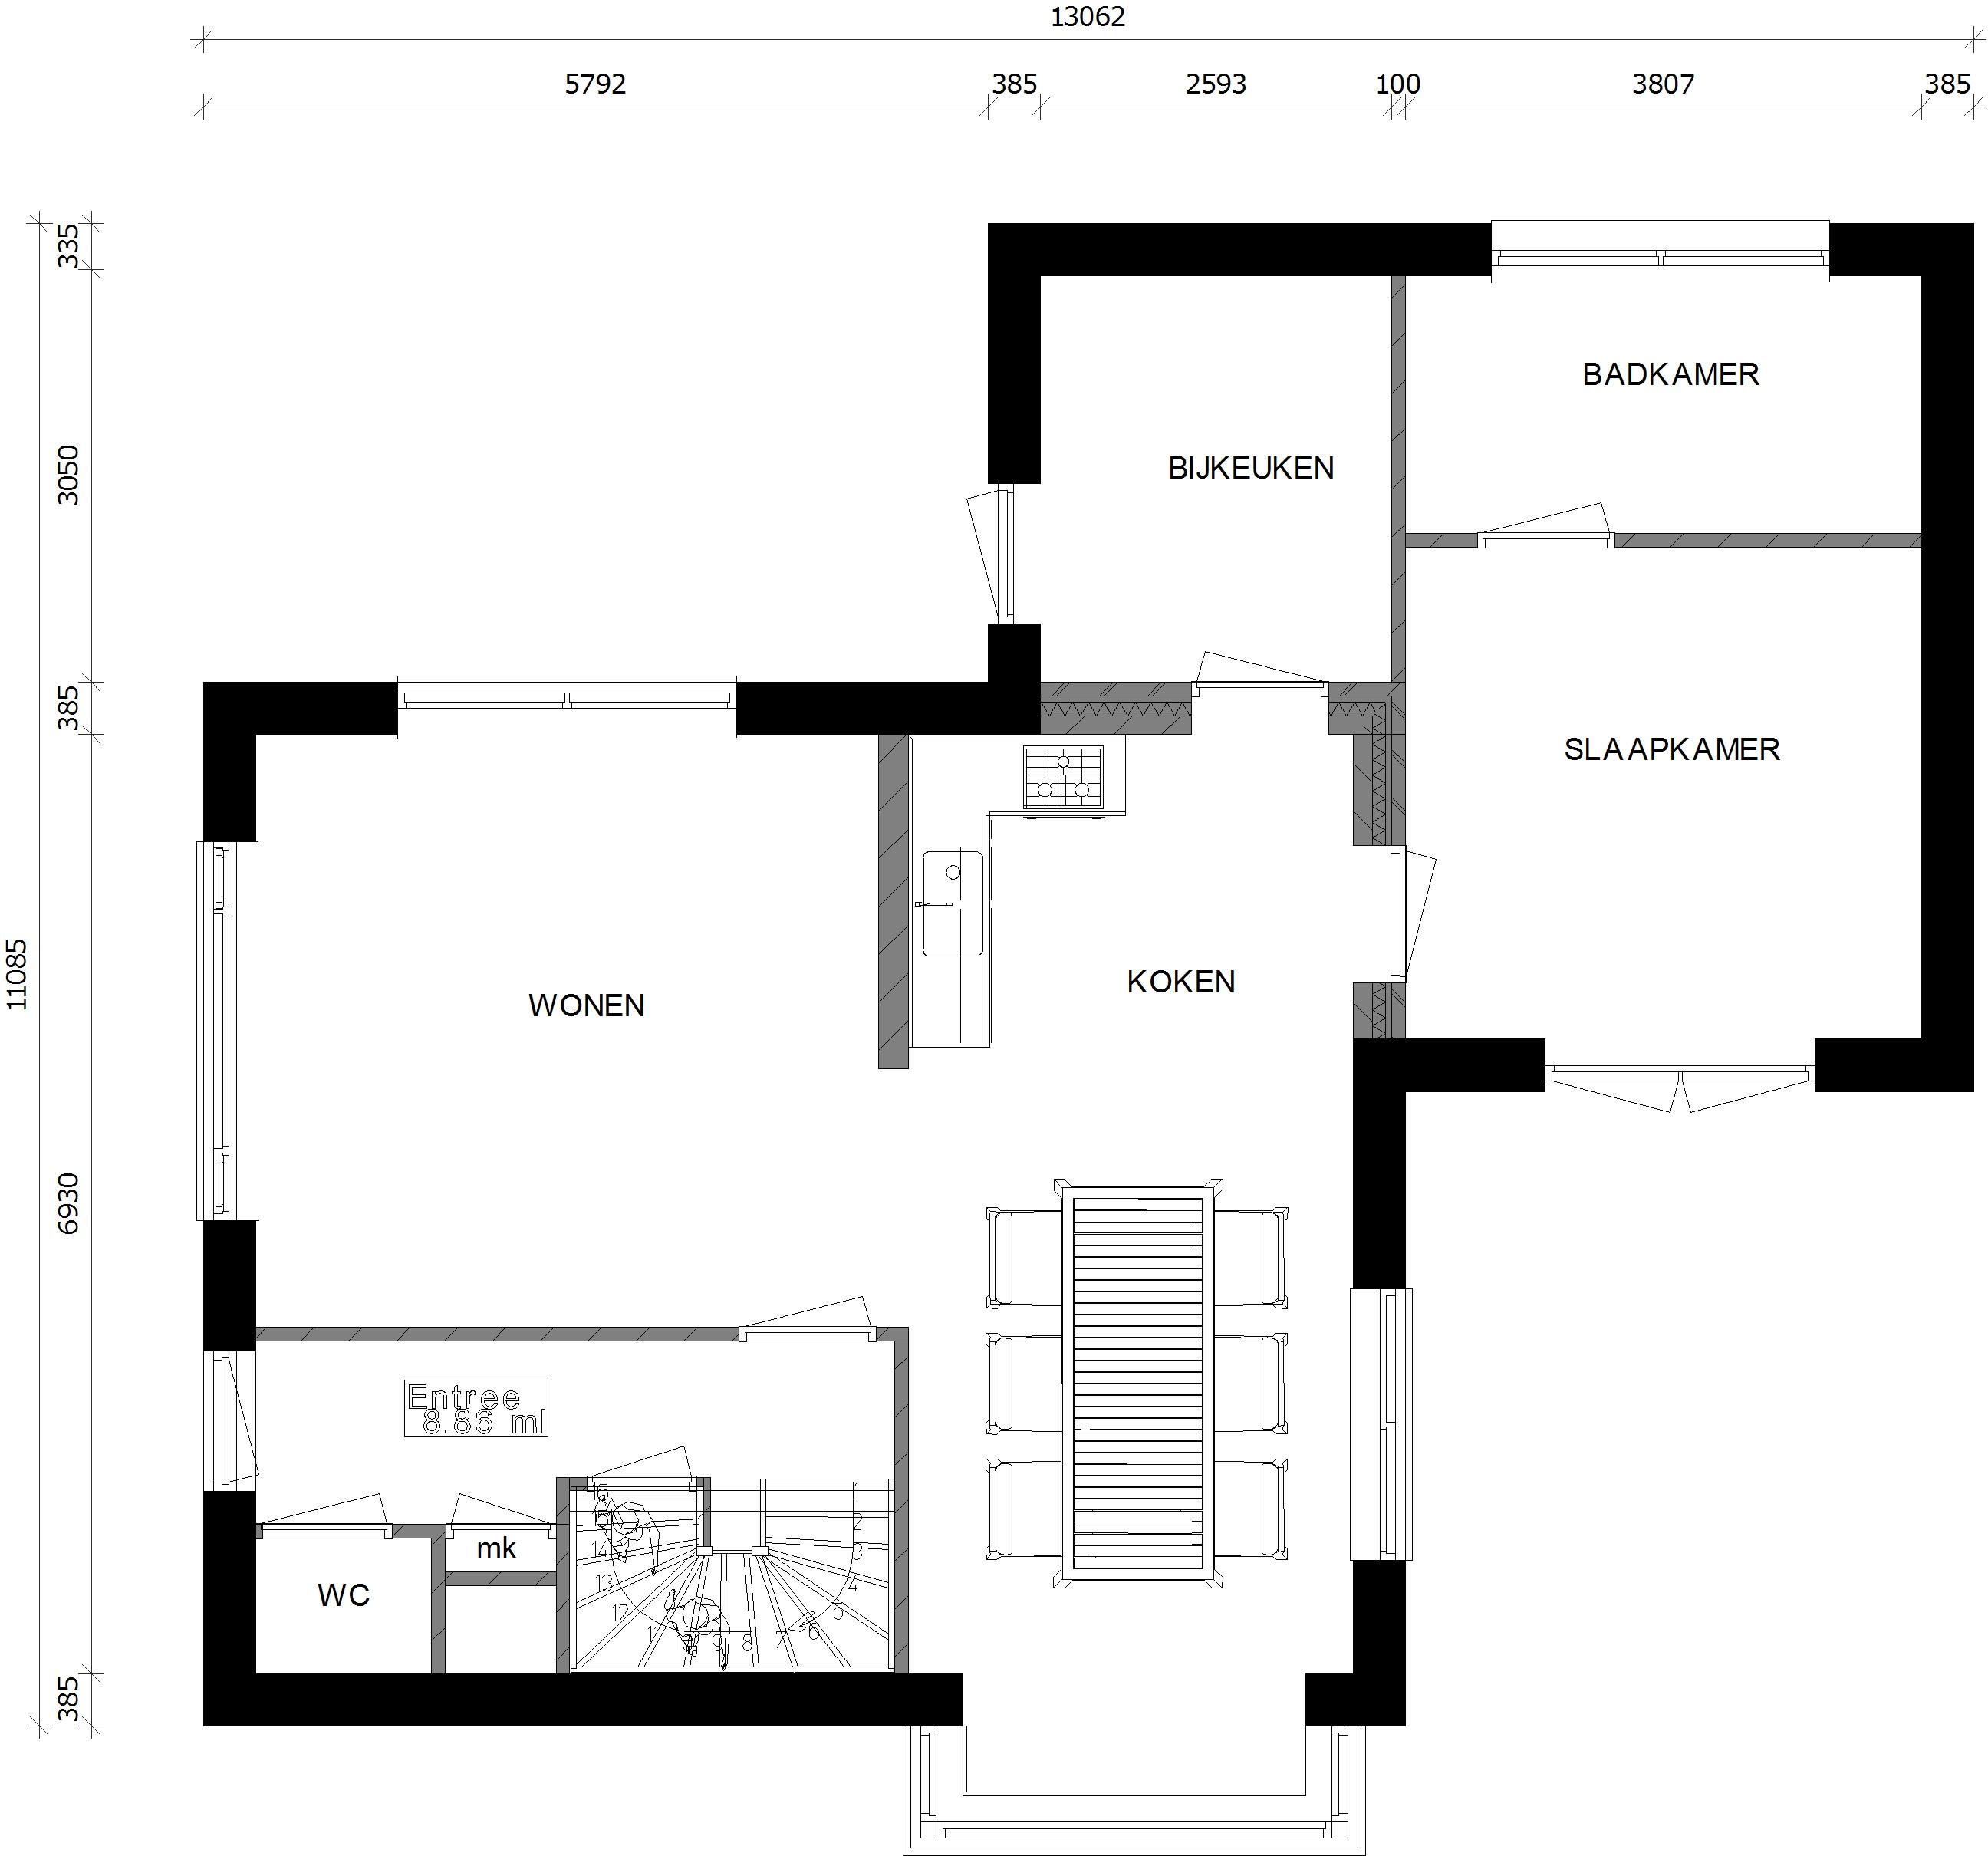 Badkamer in slaapkamer bouwen - Badkamer modellen ...